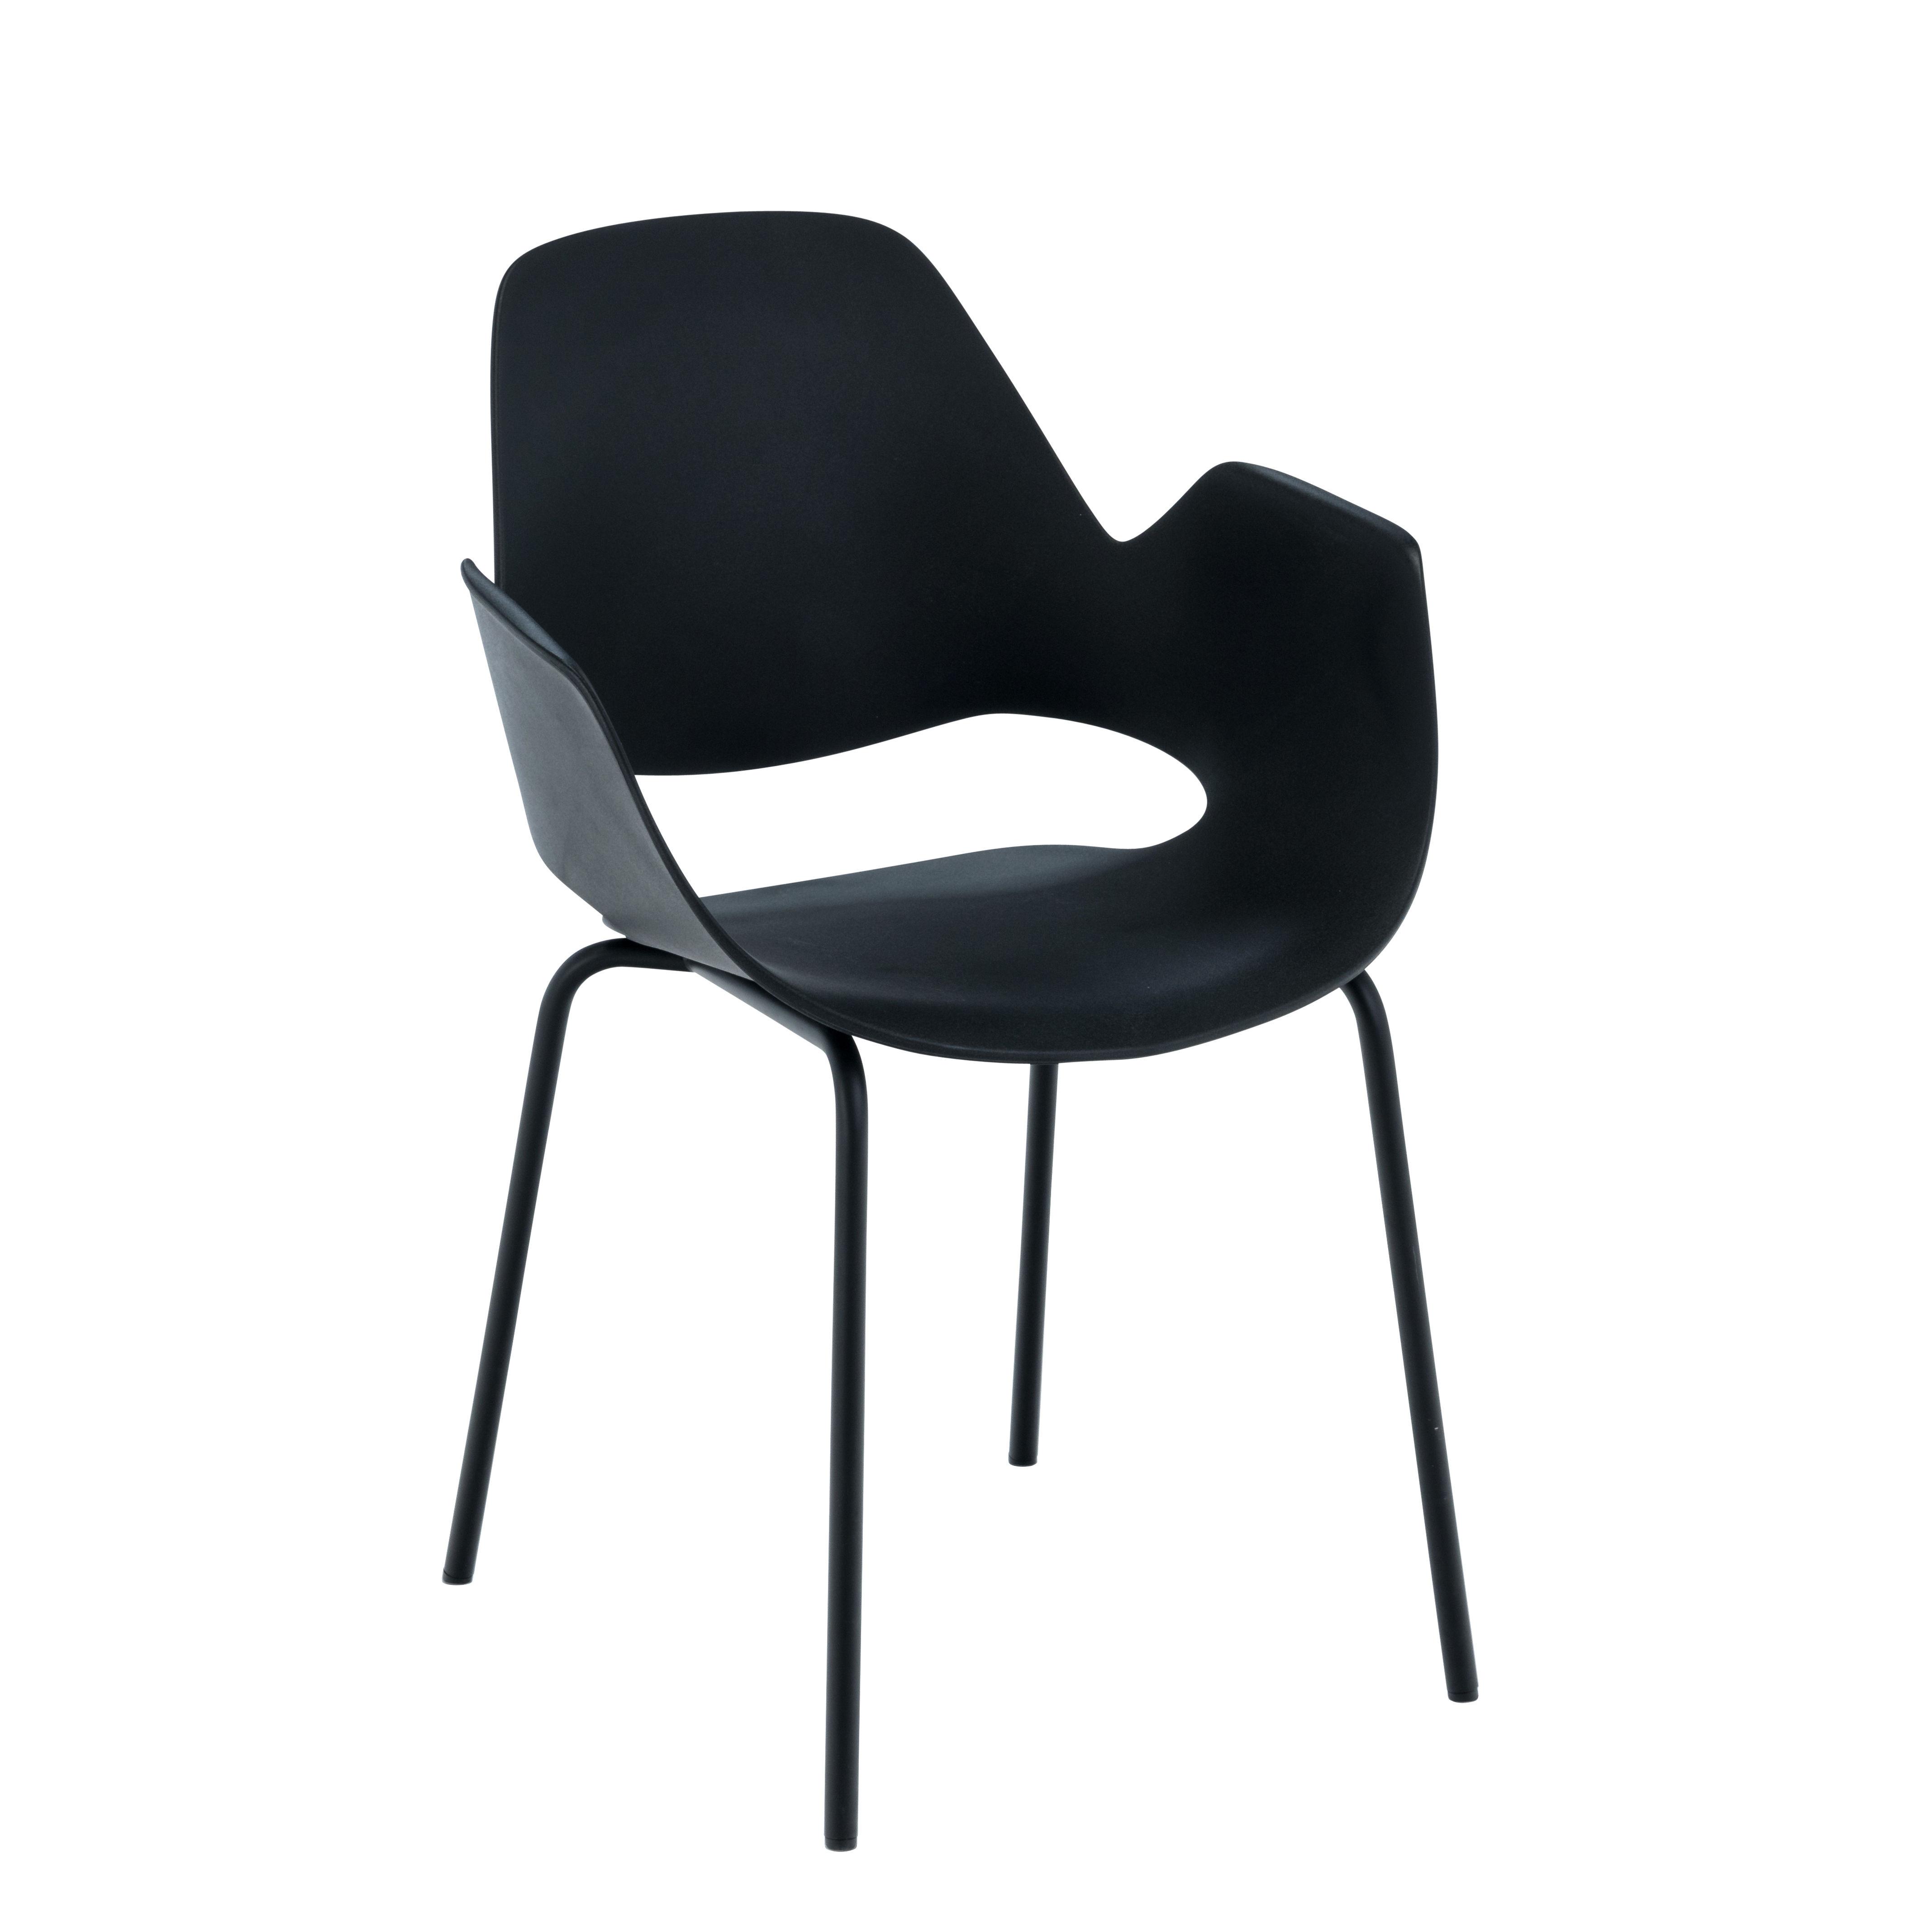 Mobilier - Chaises, fauteuils de salle à manger - Fauteuil empilable Falk / Déchets ménagers recyclés - Pieds métal - Houe - Noir / Pieds noirs - Métal laqué époxy, Plastique recyclé